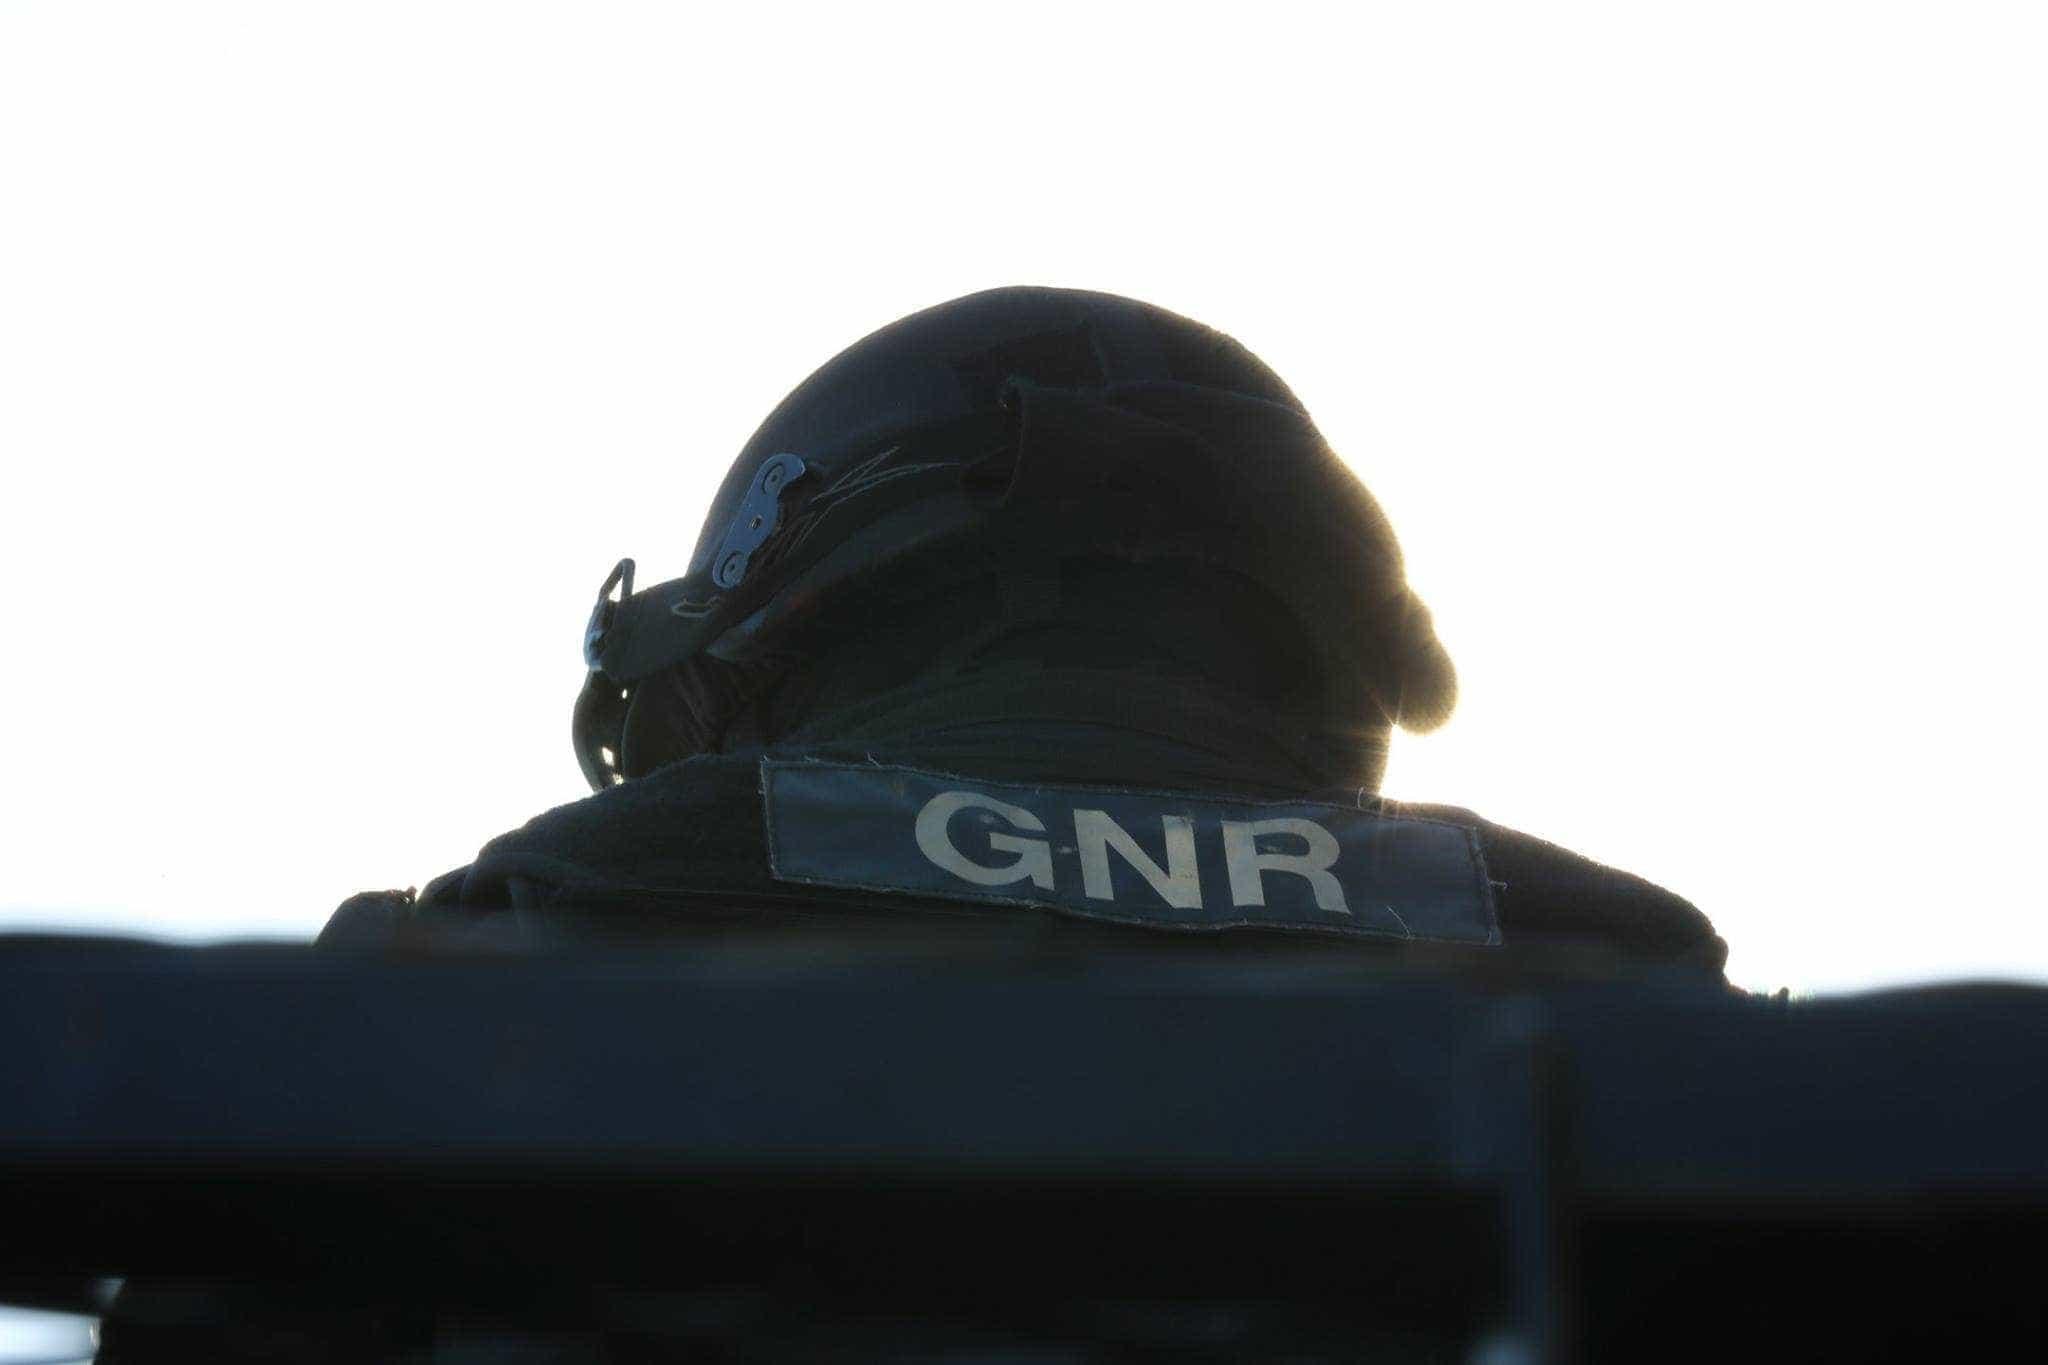 Estado condenado a pagar indemnização a família que GNR deteve por engano